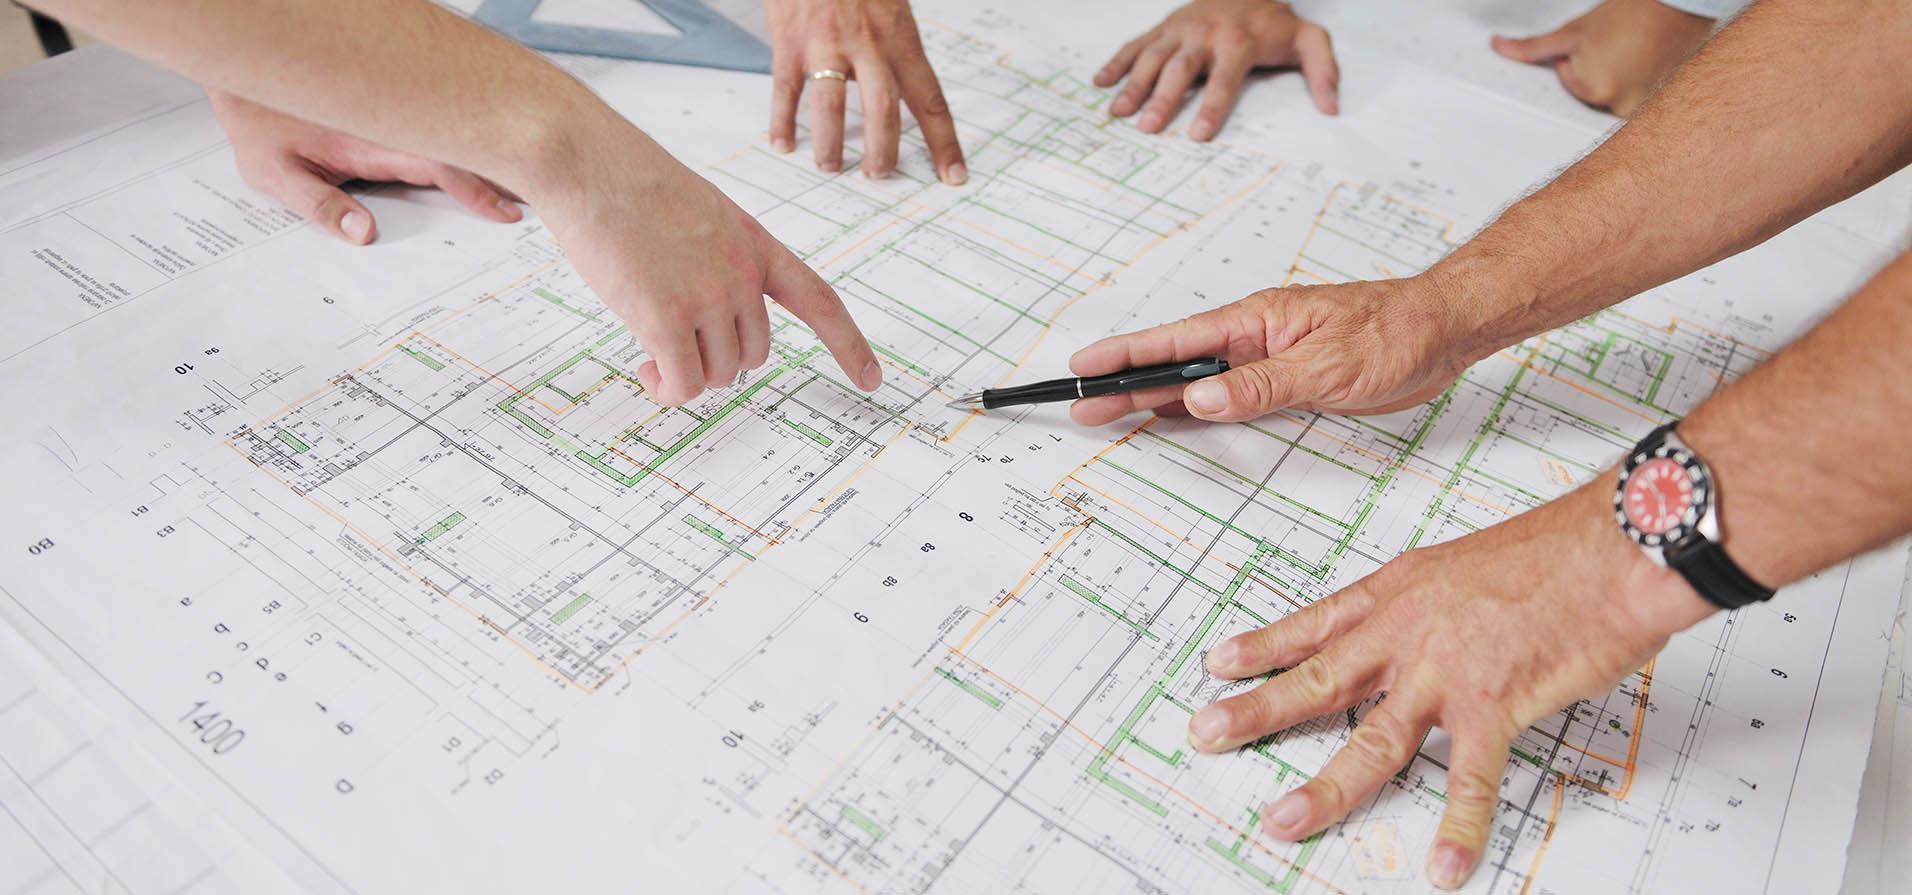 Составление объема планируемых работ реконструкции